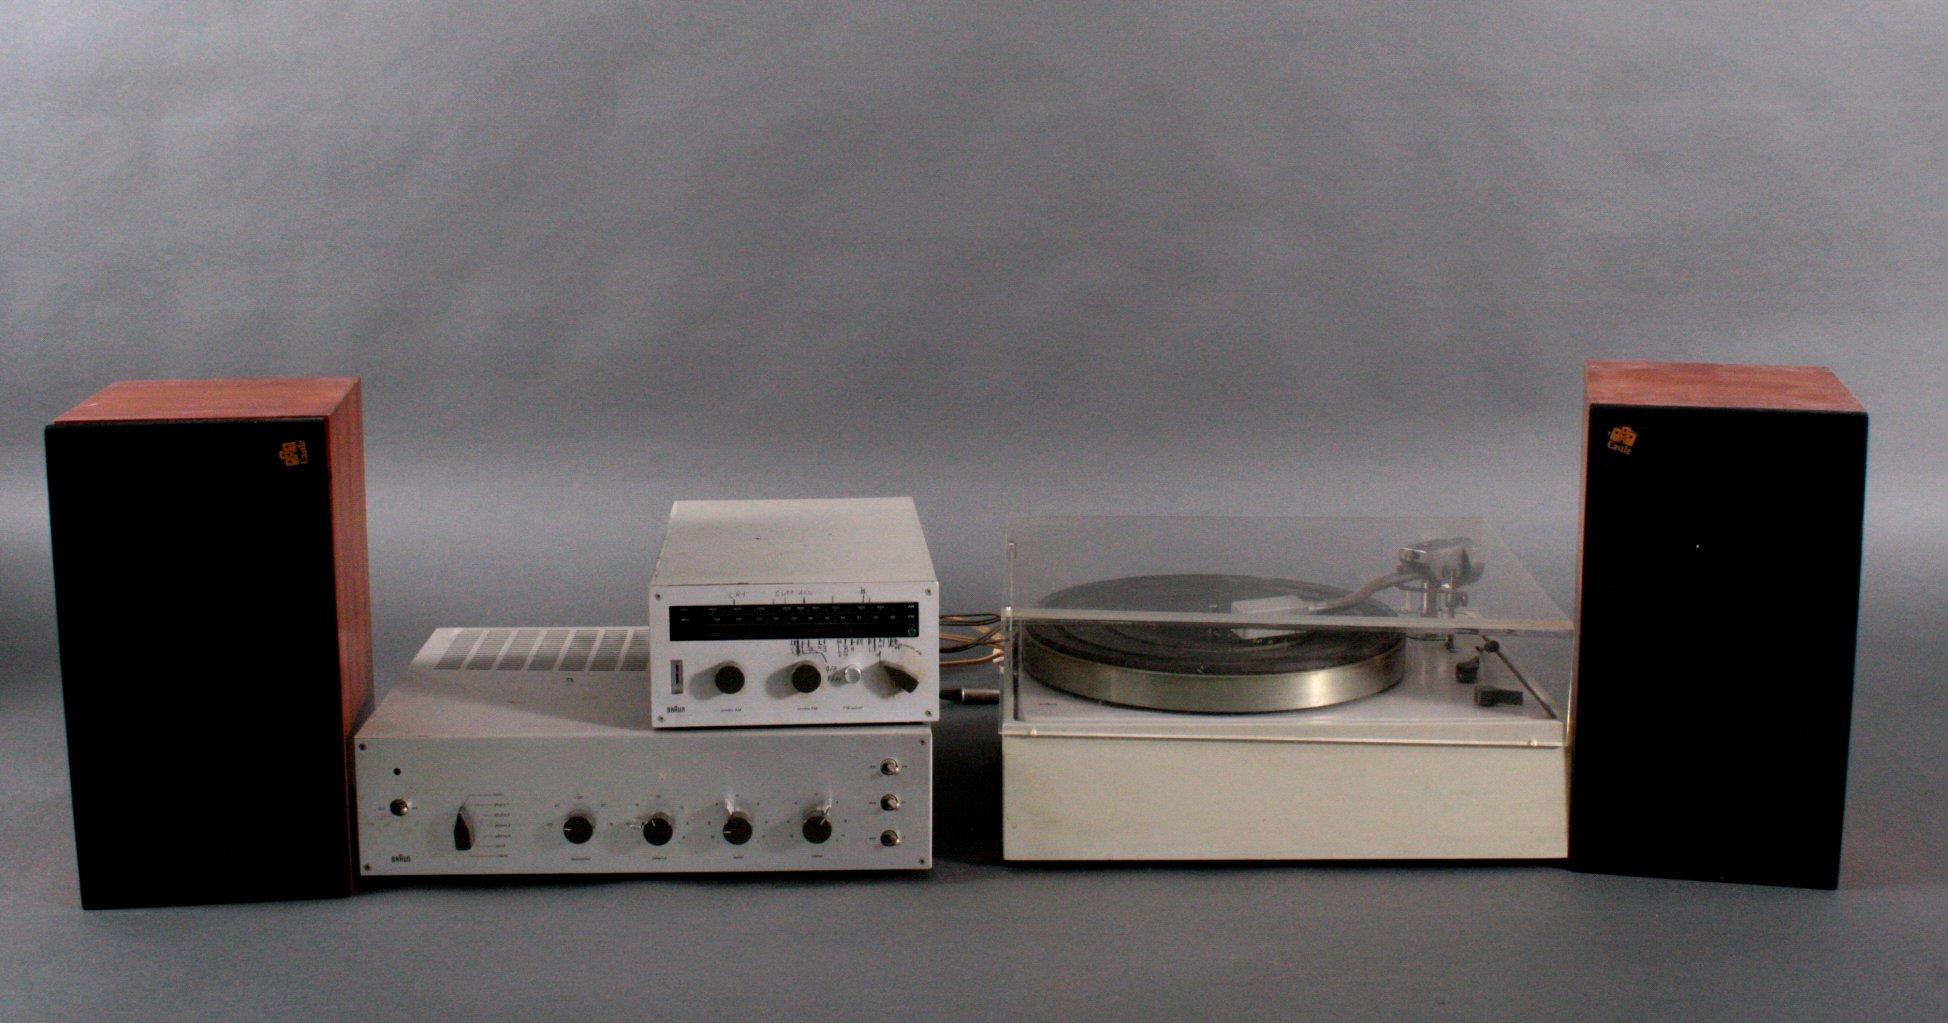 Braun Stereoanlage aus den 70er Jahren mit Röhrenverstärker